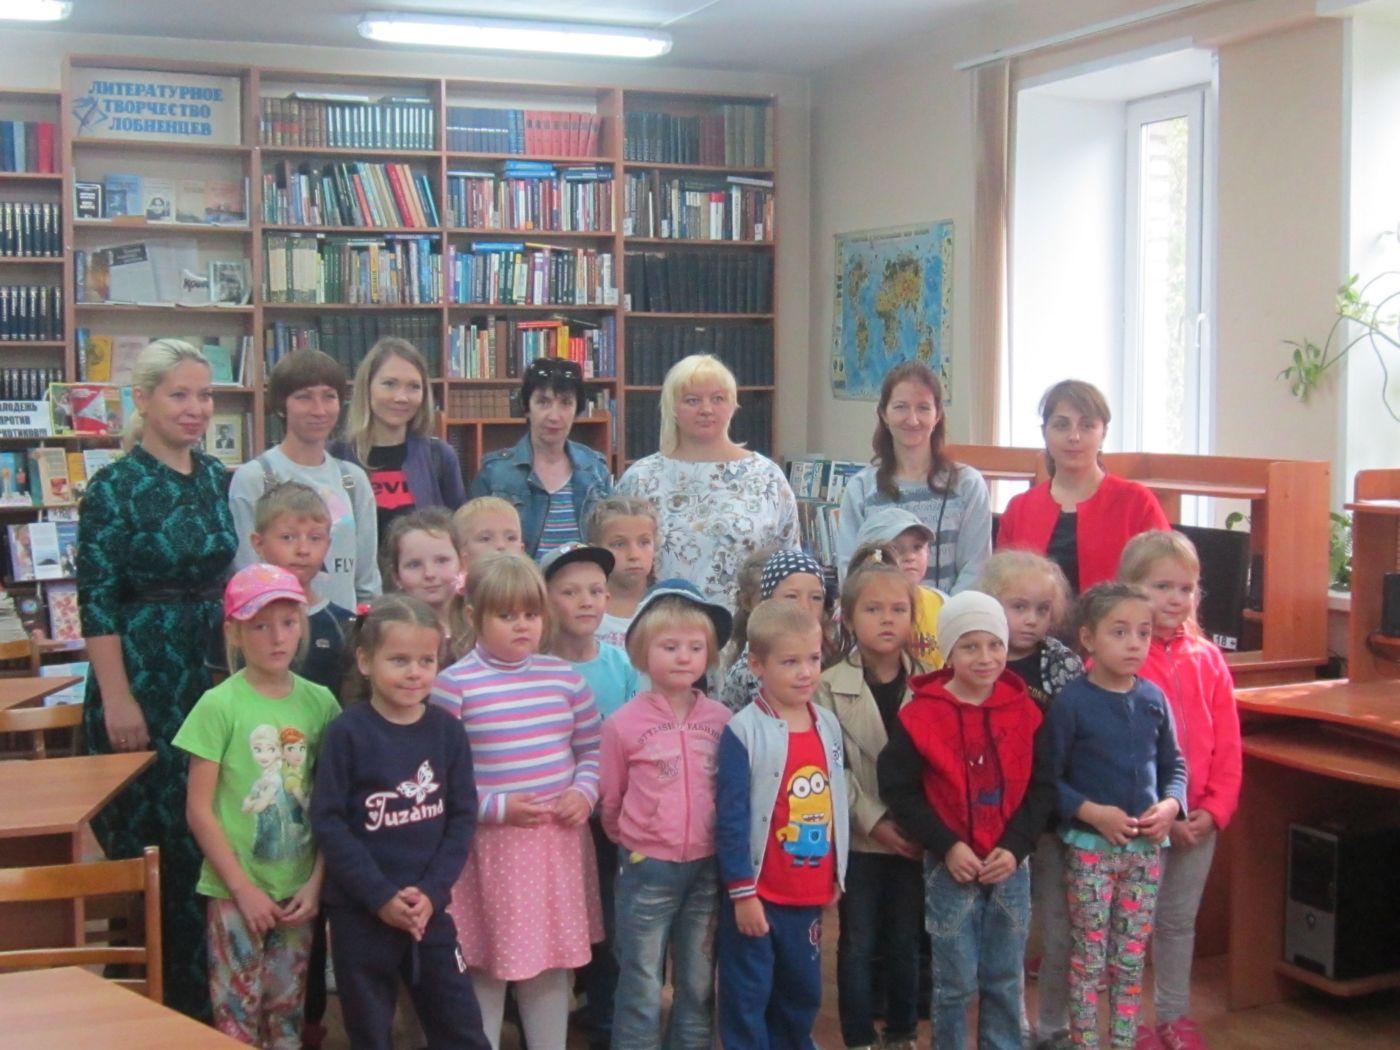 Путешествие по книжному городу в Библиотеке № 6 мкрн Депо г. Лобня